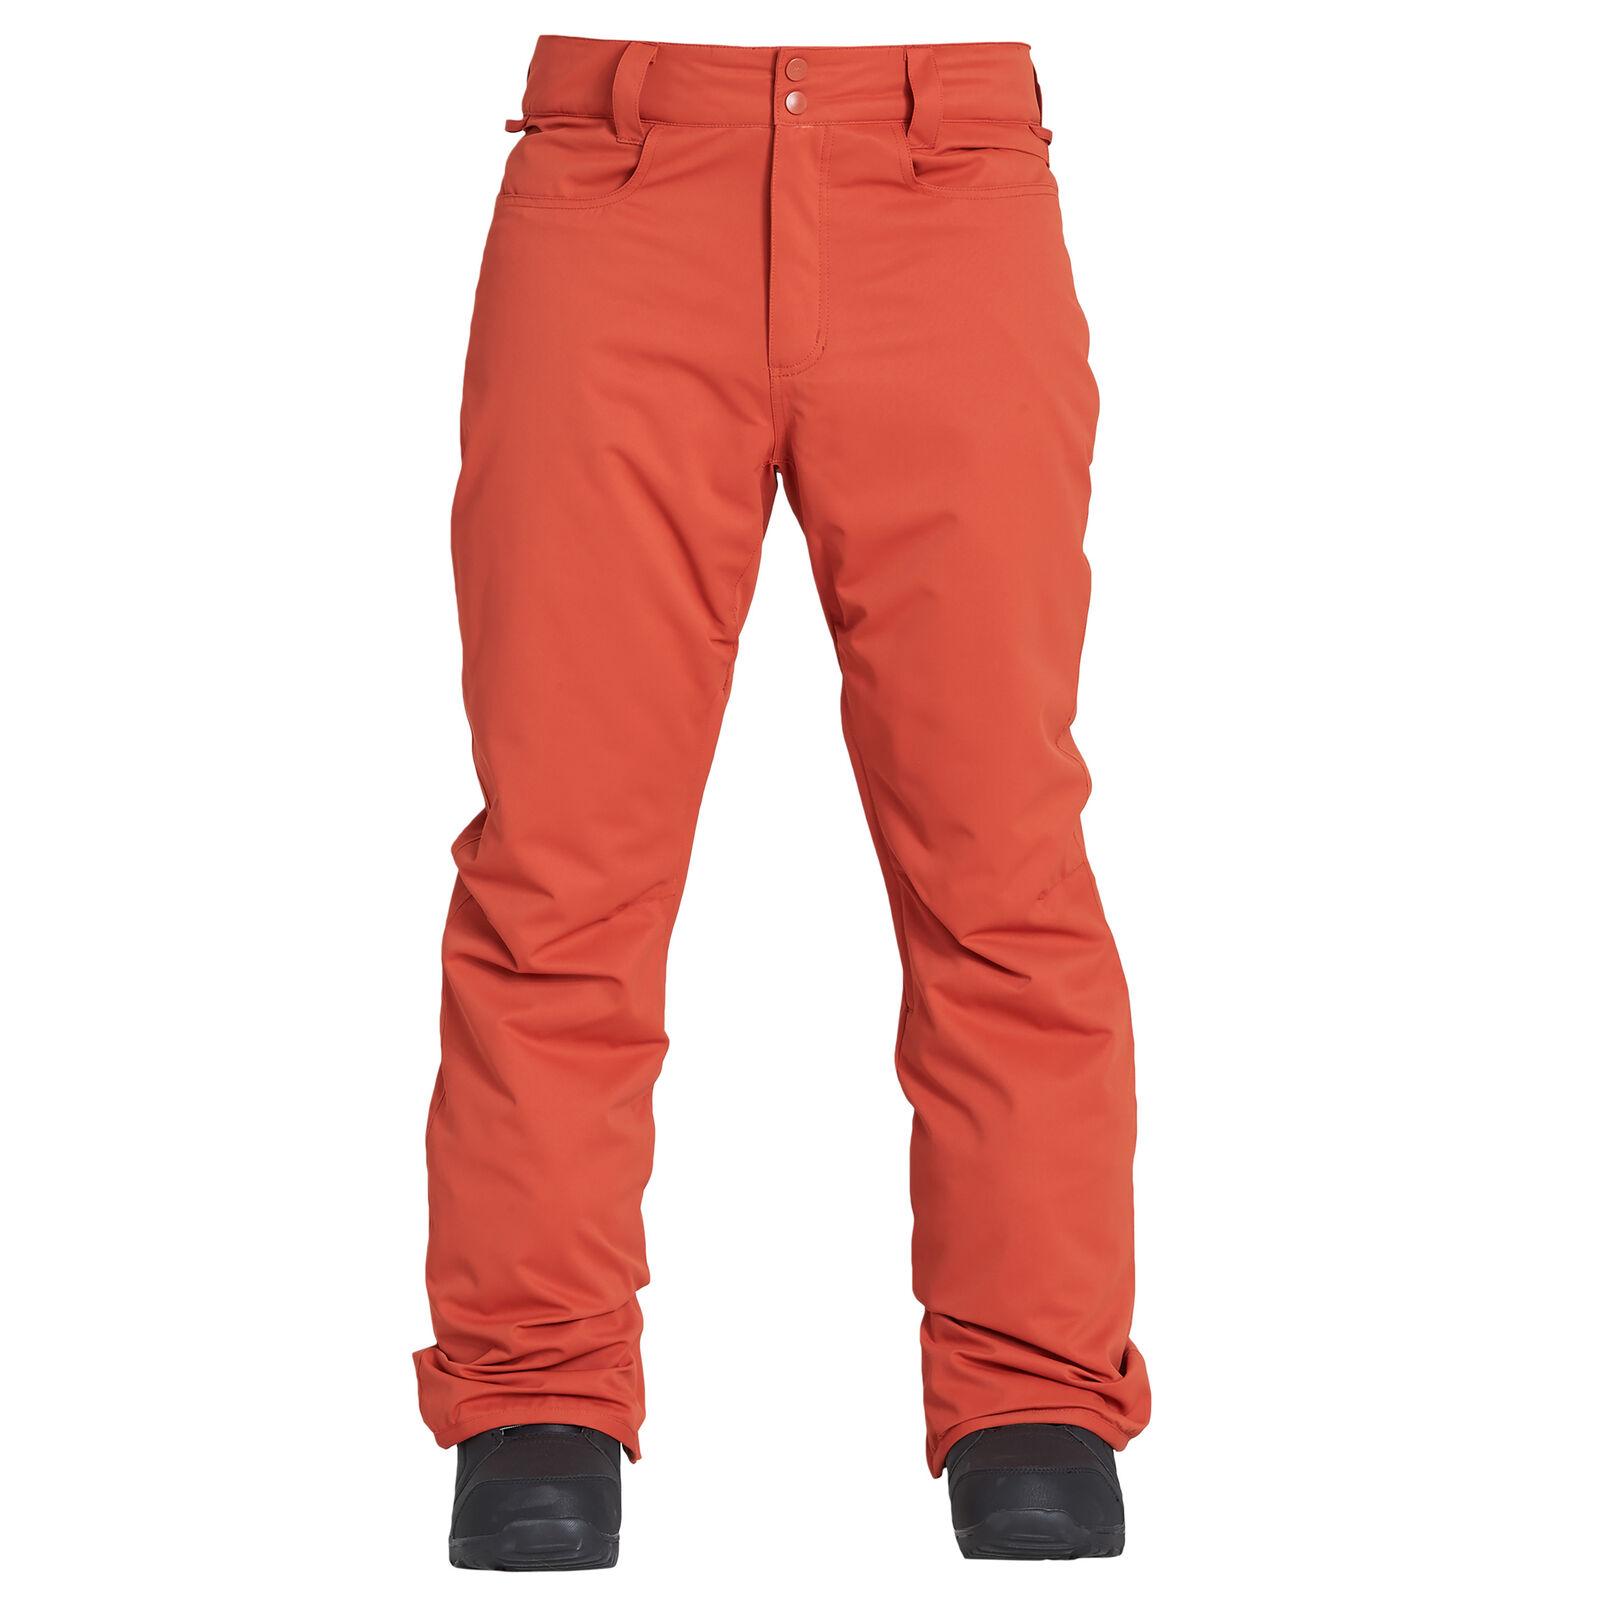 Billabong Mens Outsider Ski Snow Pants Magma